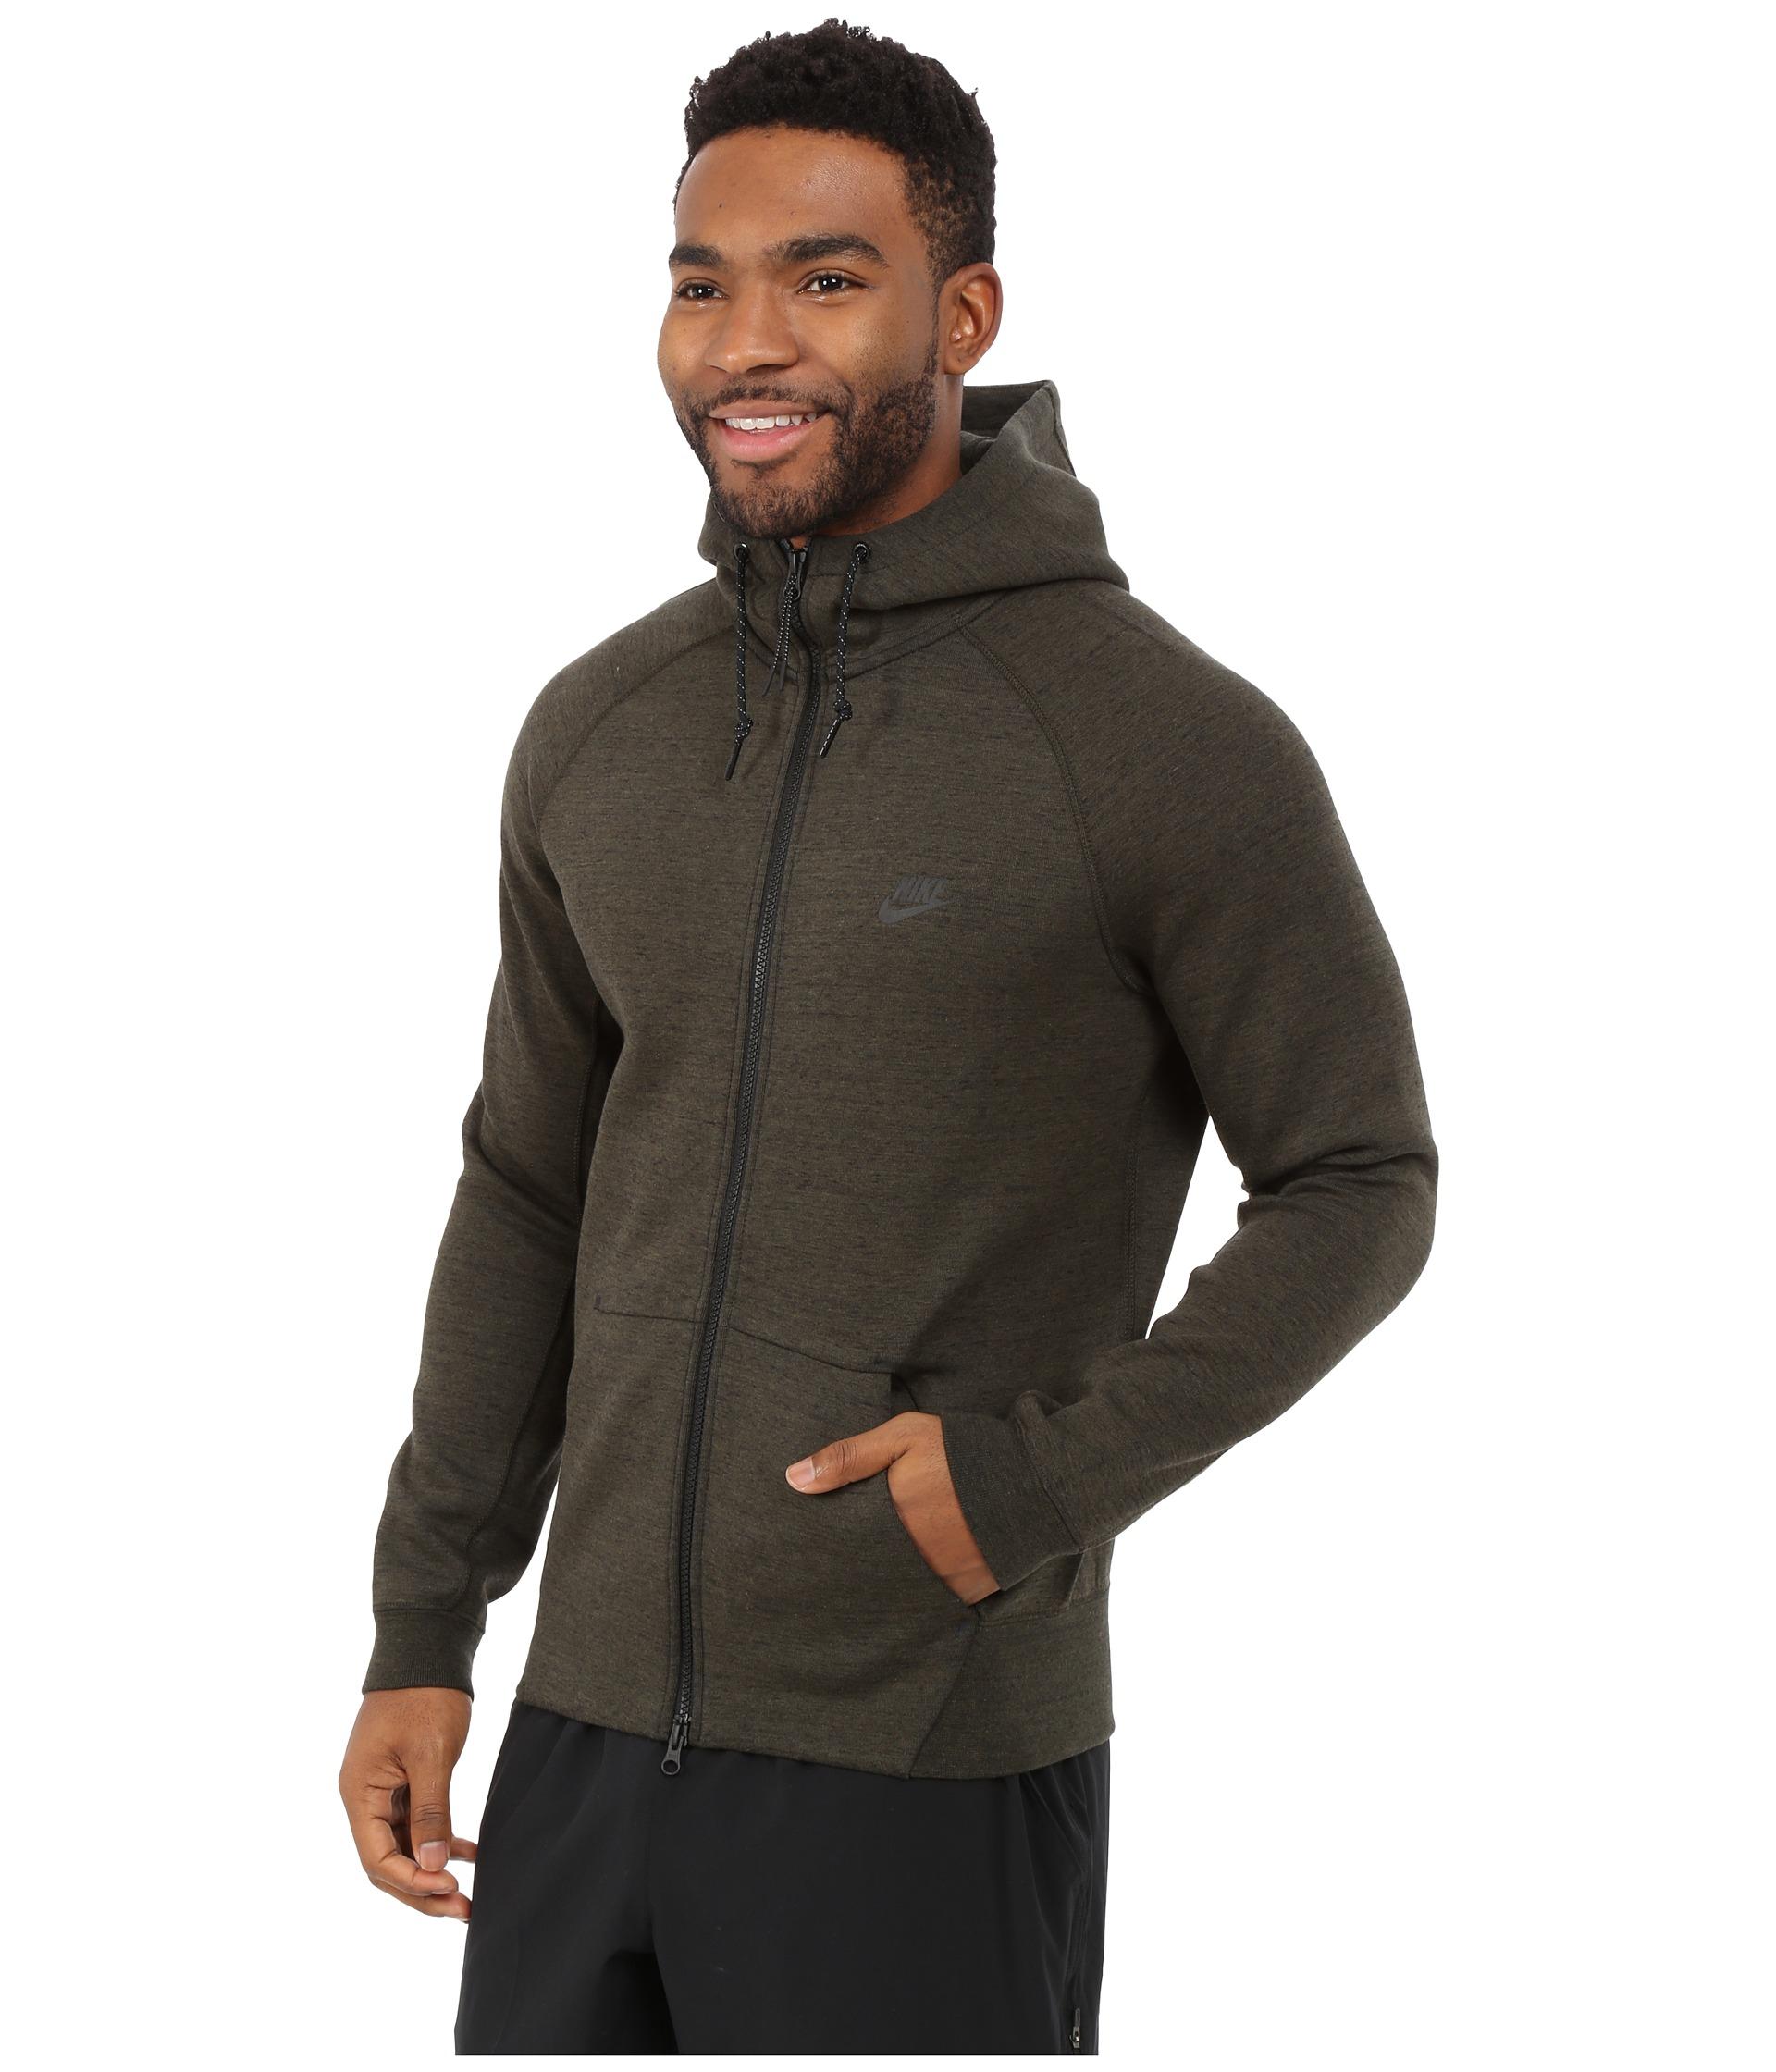 on sale 70463 0b8af Lyst - Nike Tech Fleece Aw77 1.0 Full-zip Hoodie in Natural